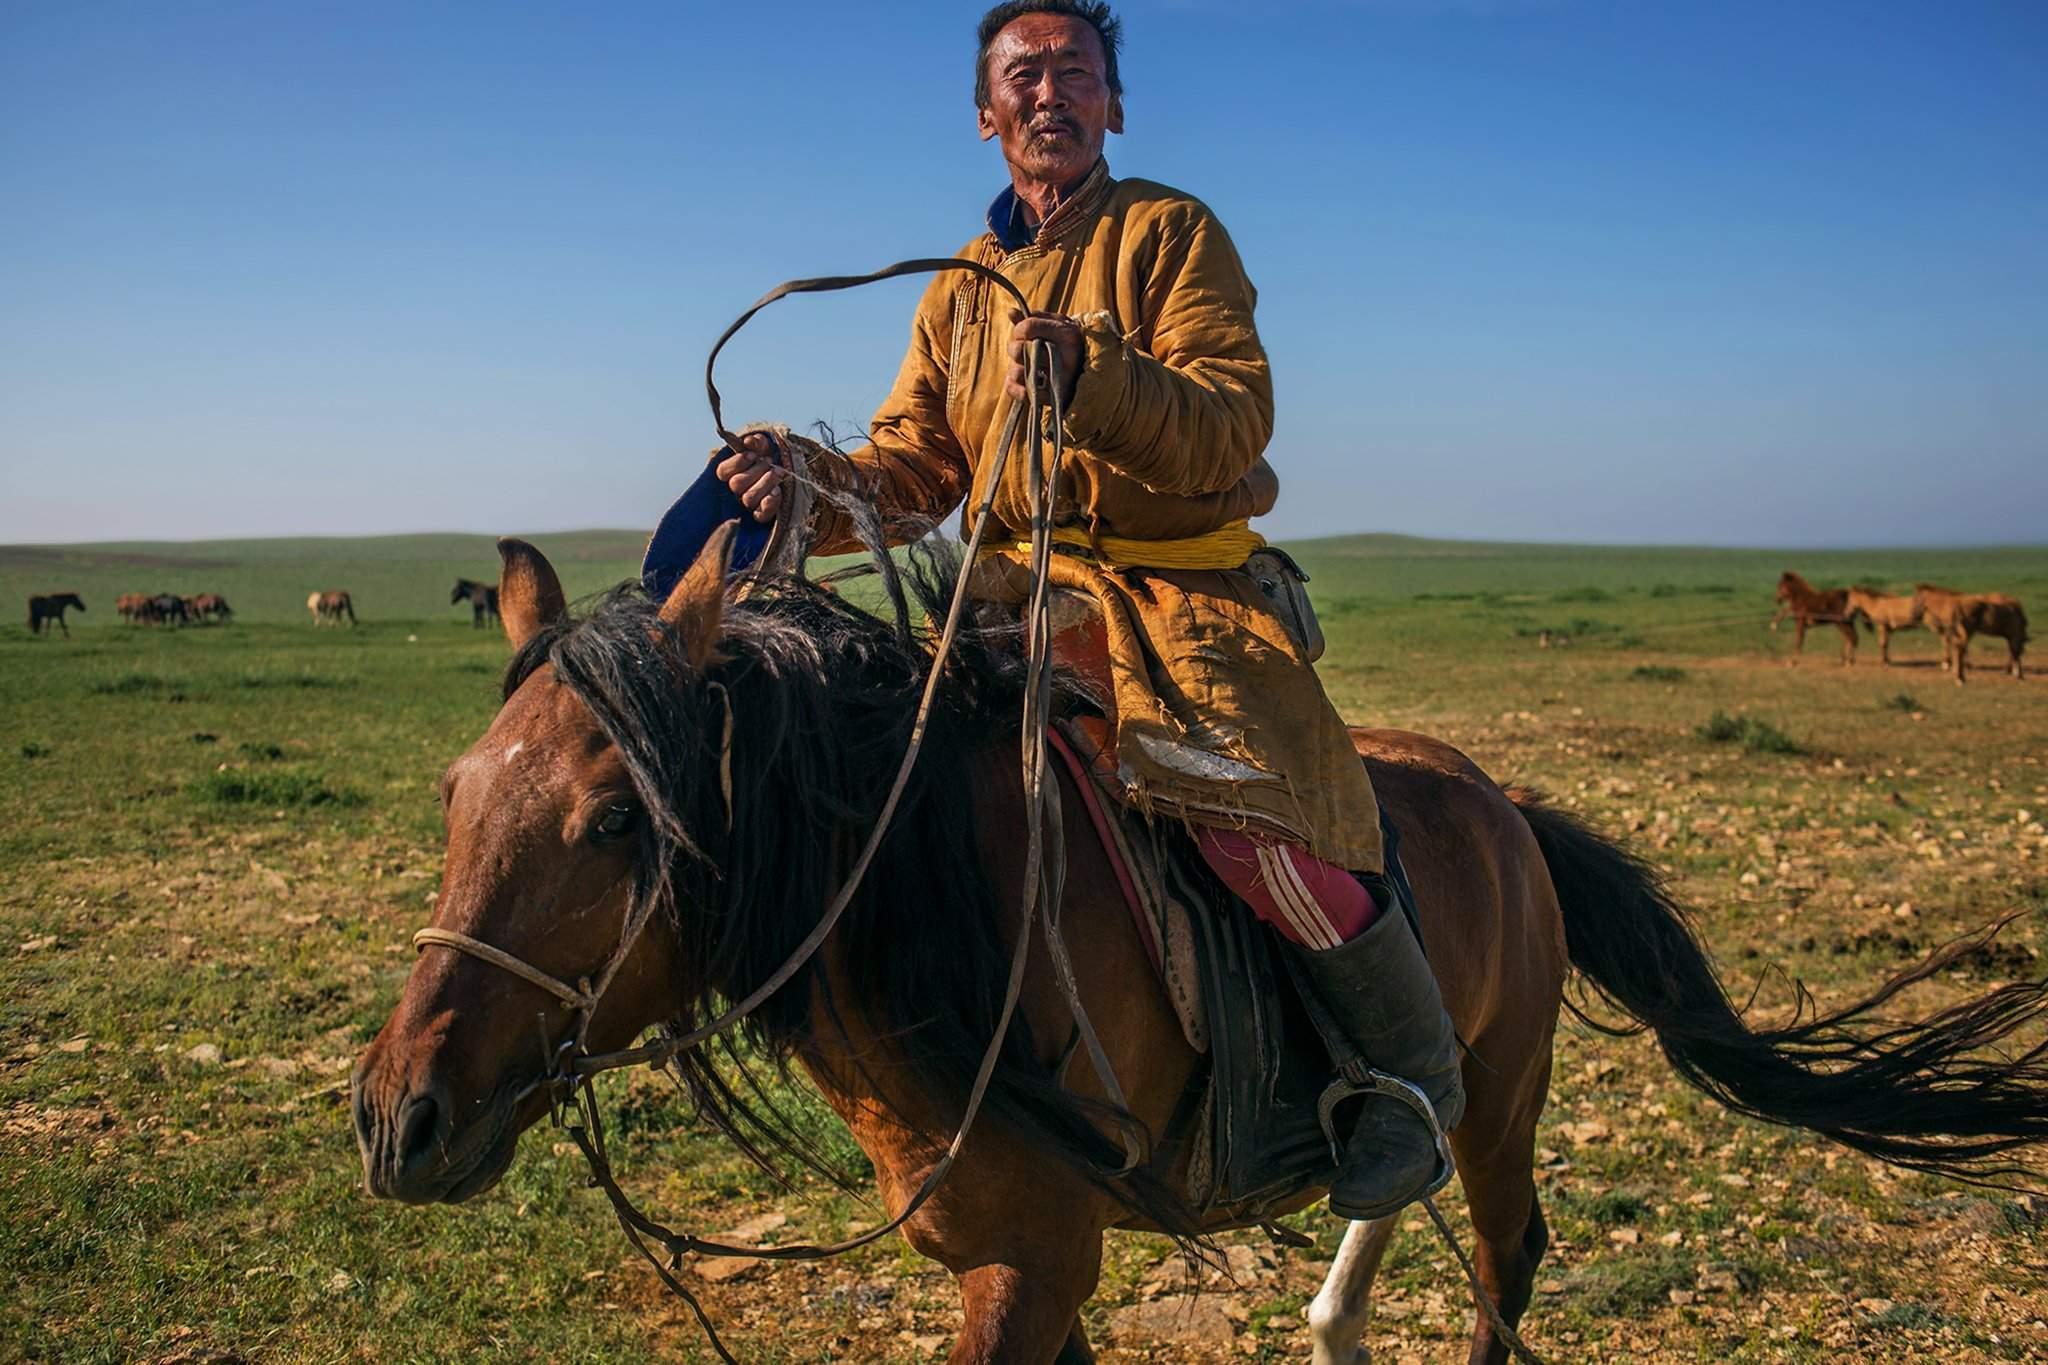 Хоол хийж амжихгүй дайны үед монголчууд мориныхоо хоолойг зүсэж, цусыг нь уугаад давхидаг байжээ.